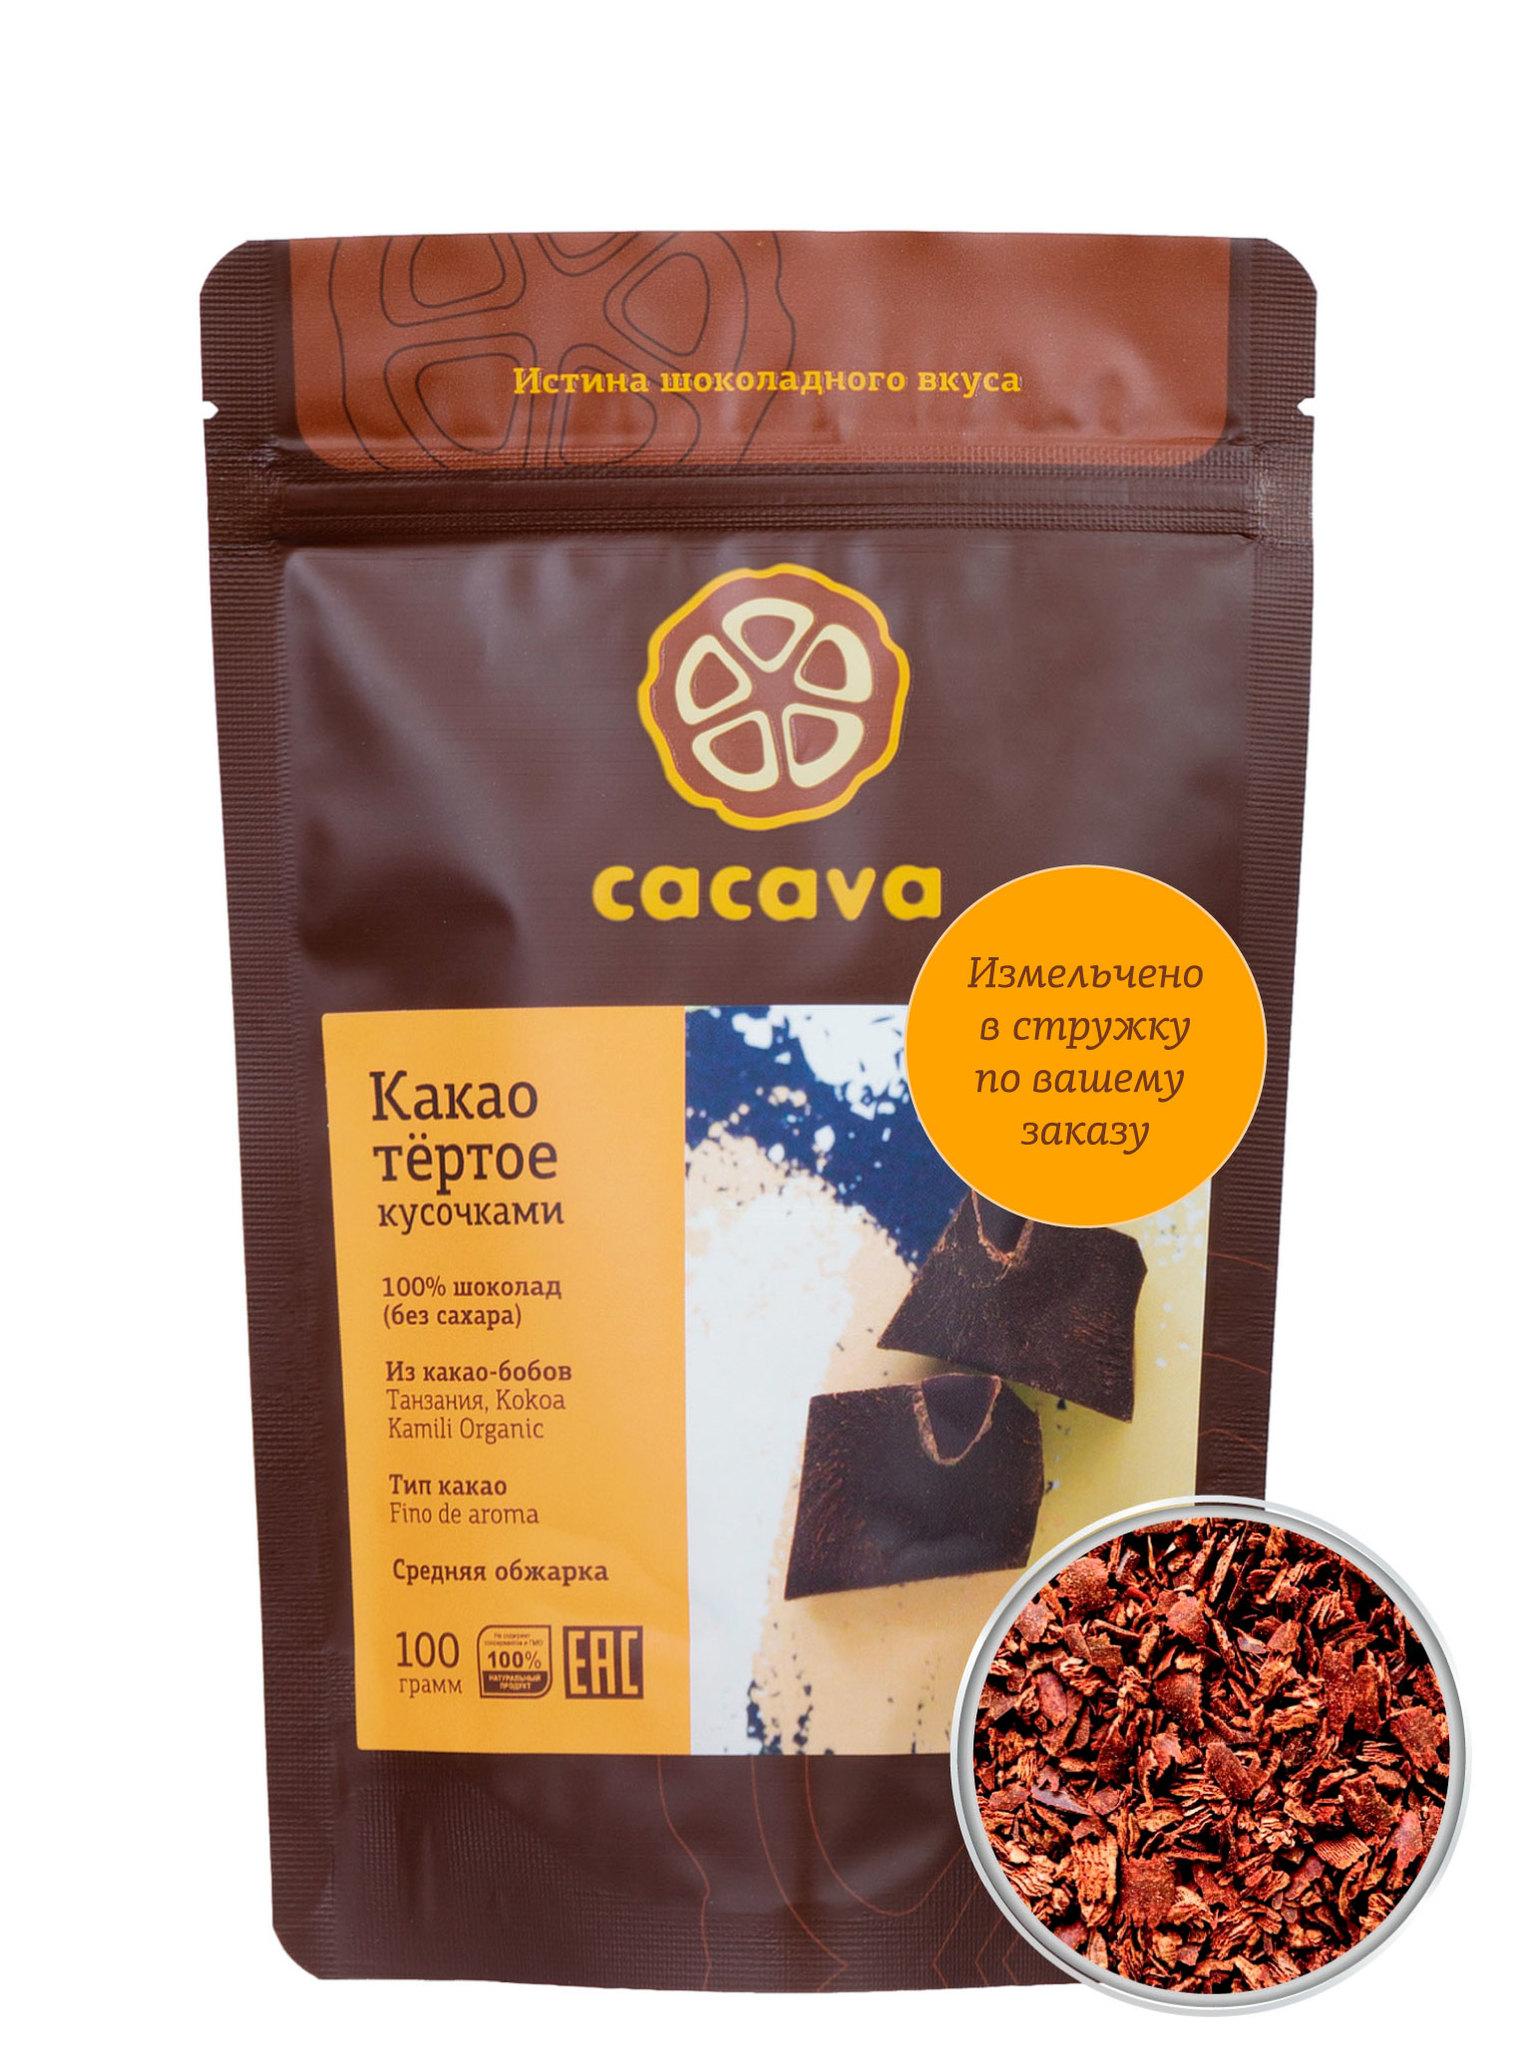 Какао тёртое в стружке (Танзания, Kokoa Kamili), упаковка 100 грамм